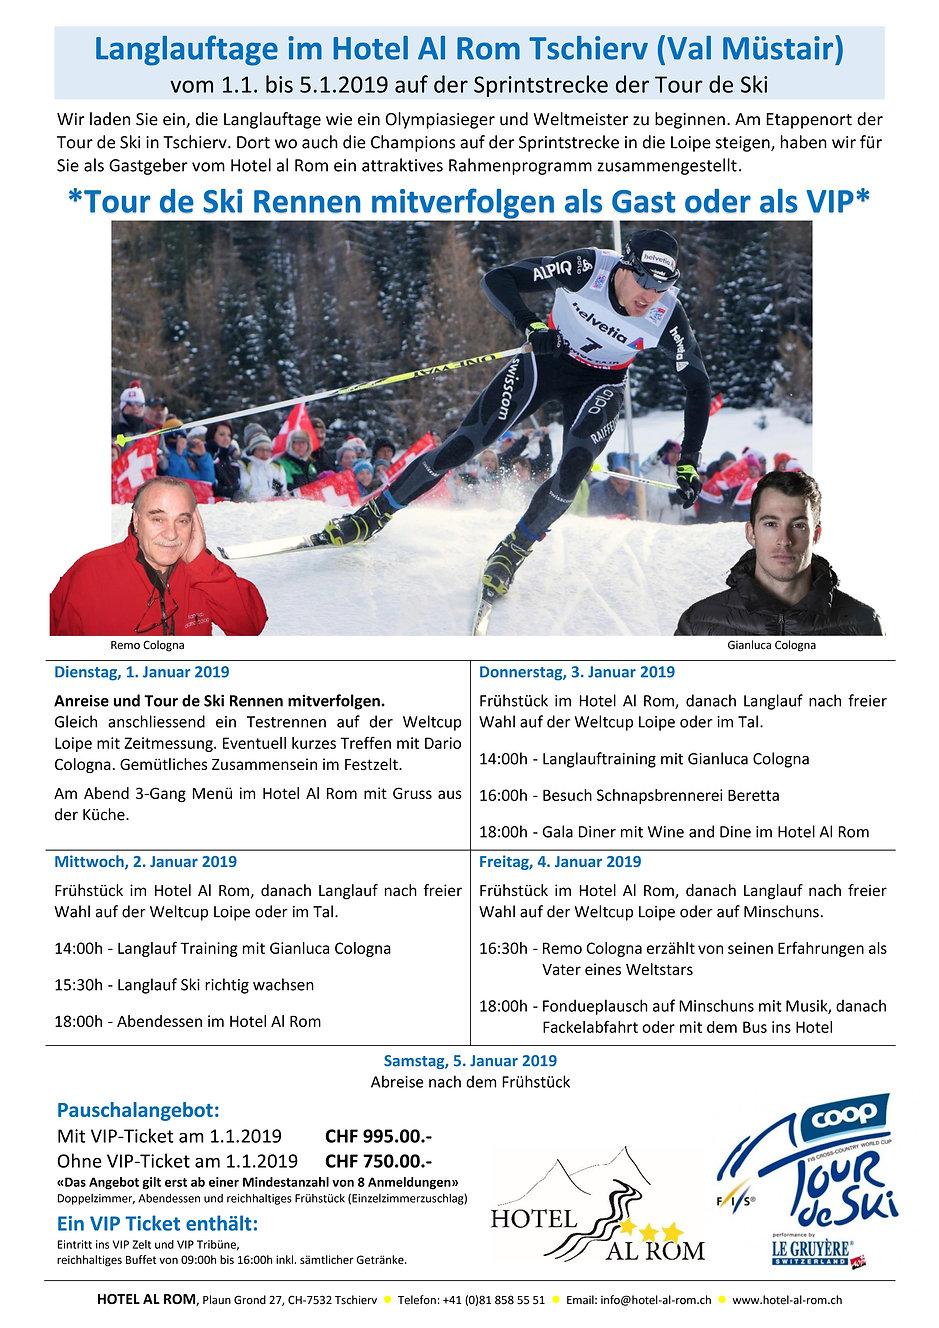 Tour de Ski als VIP